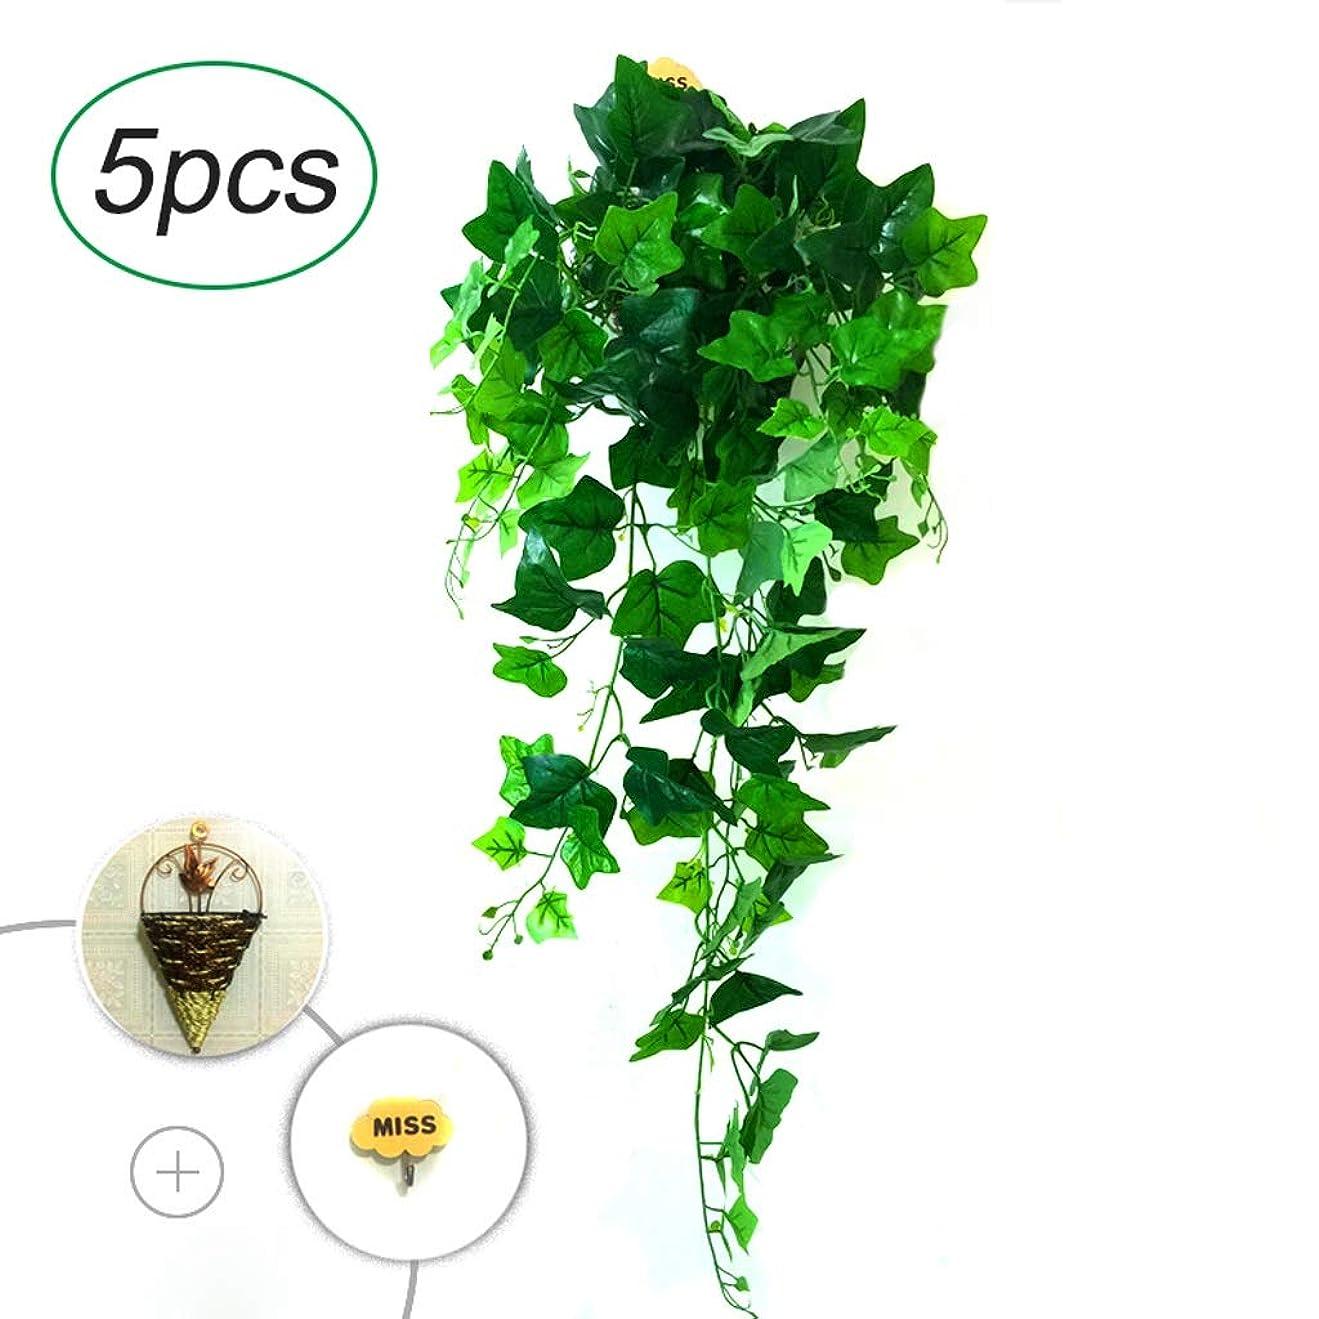 医療過誤シート思慮のない人工ツタ、3.2フィートの人工葉緑の植物の垂れ下がった植物、屋内および屋外の寝室の庭の結婚式の掛かるバスケットの装飾 LL-11.12 (Size : 5 PCS)